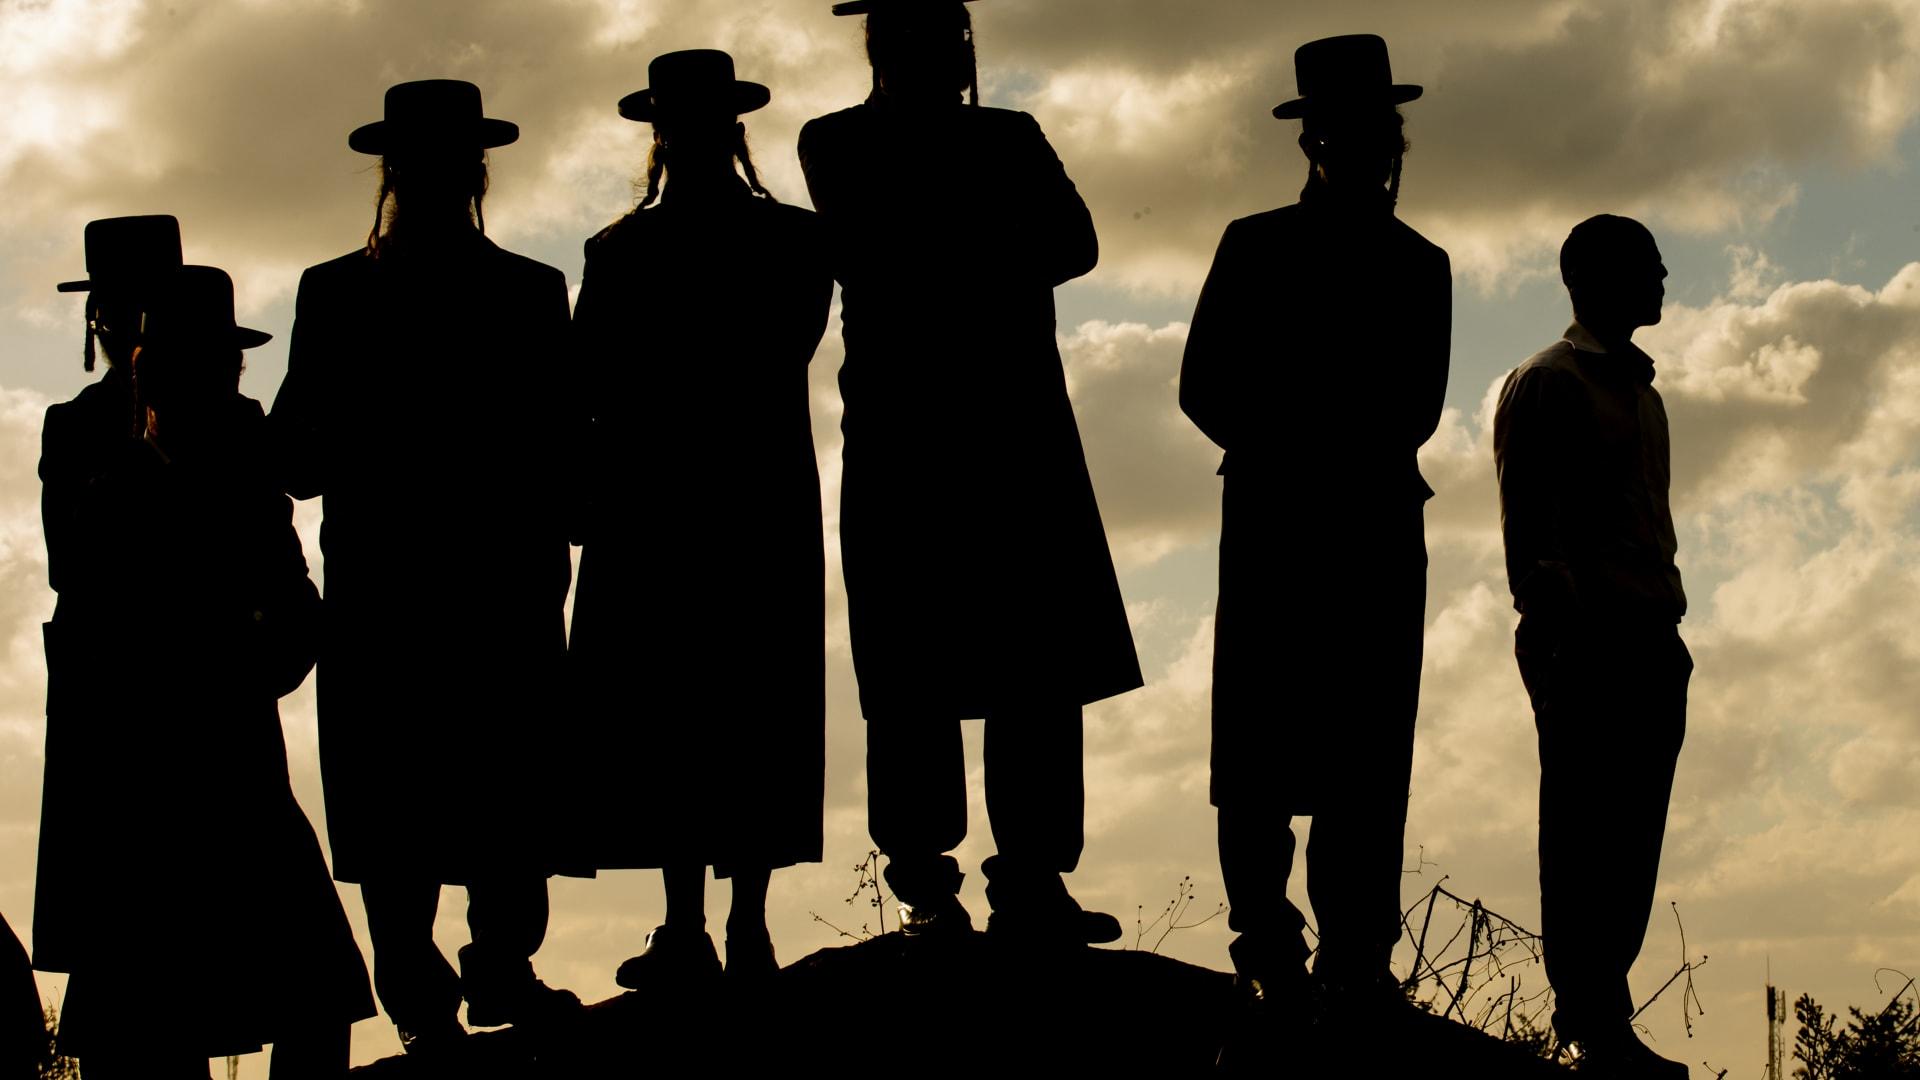 صحف: هل يعترف الفلسطينيون بيهودية إسرائيل؟